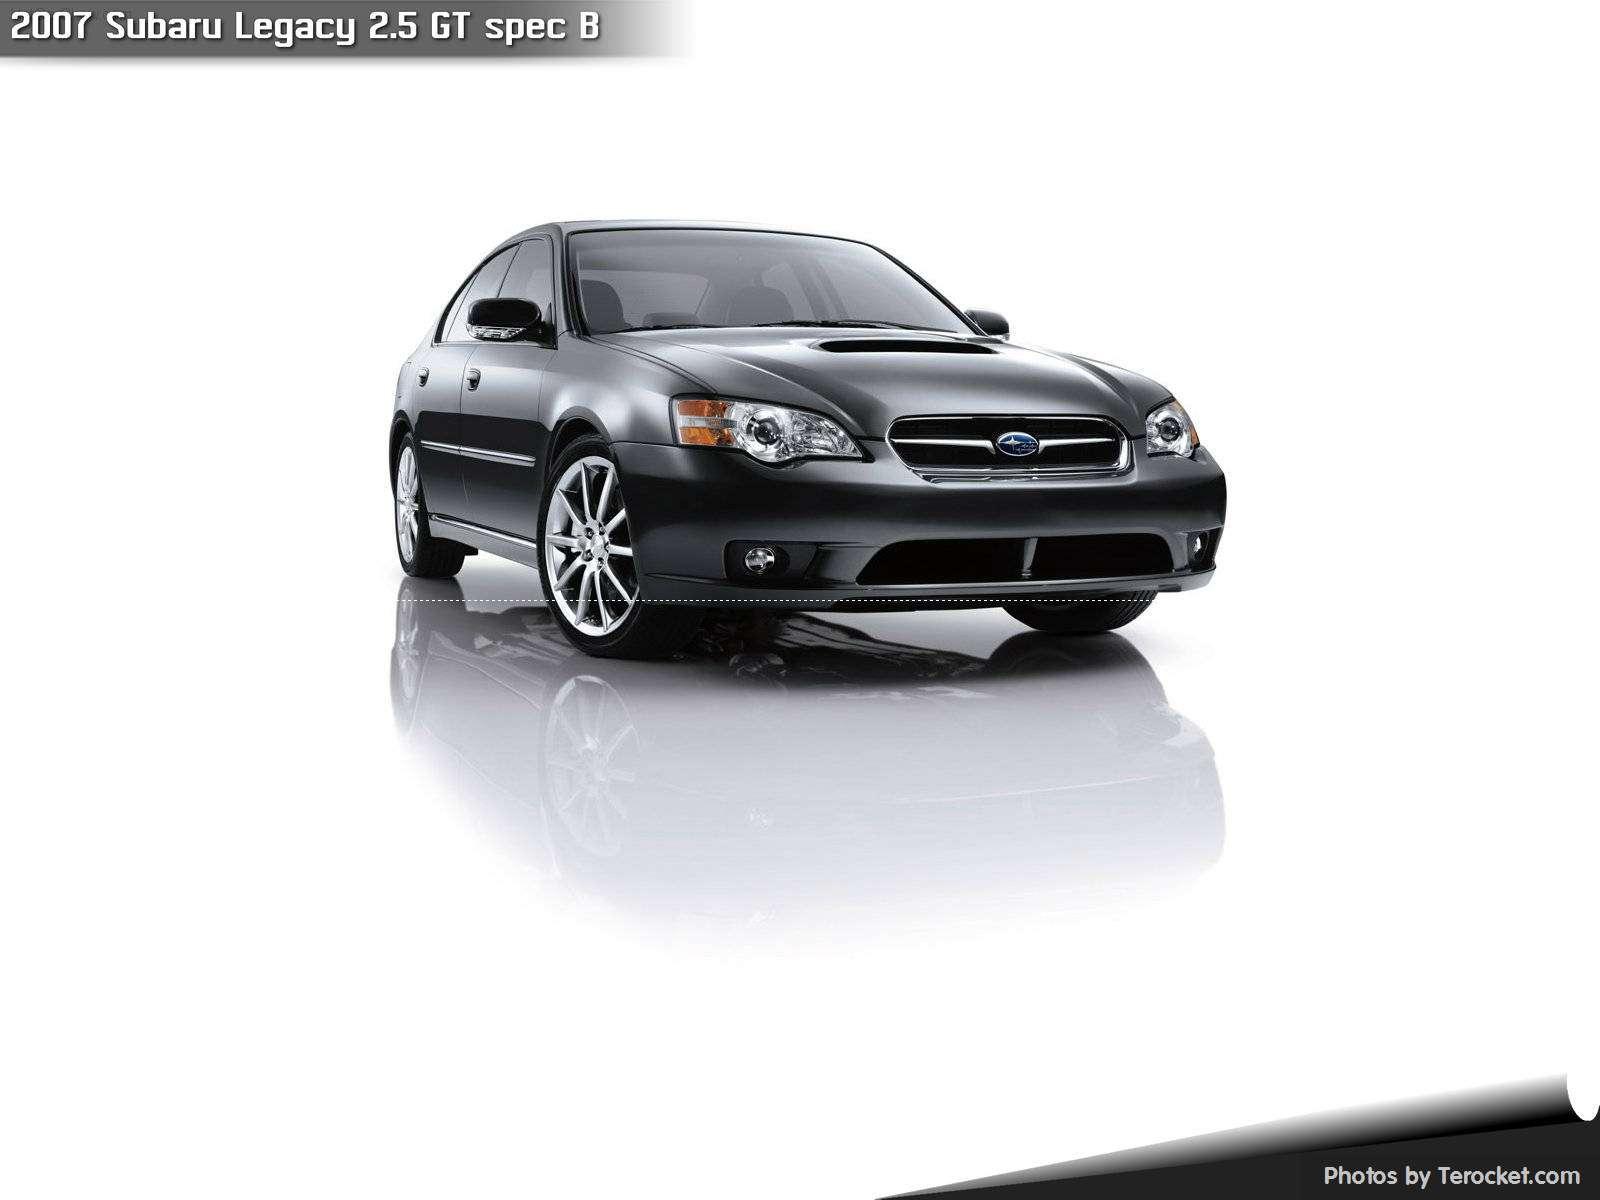 Hình ảnh xe ô tô Subaru Legacy 2.5 GT spec B 2007 & nội ngoại thất